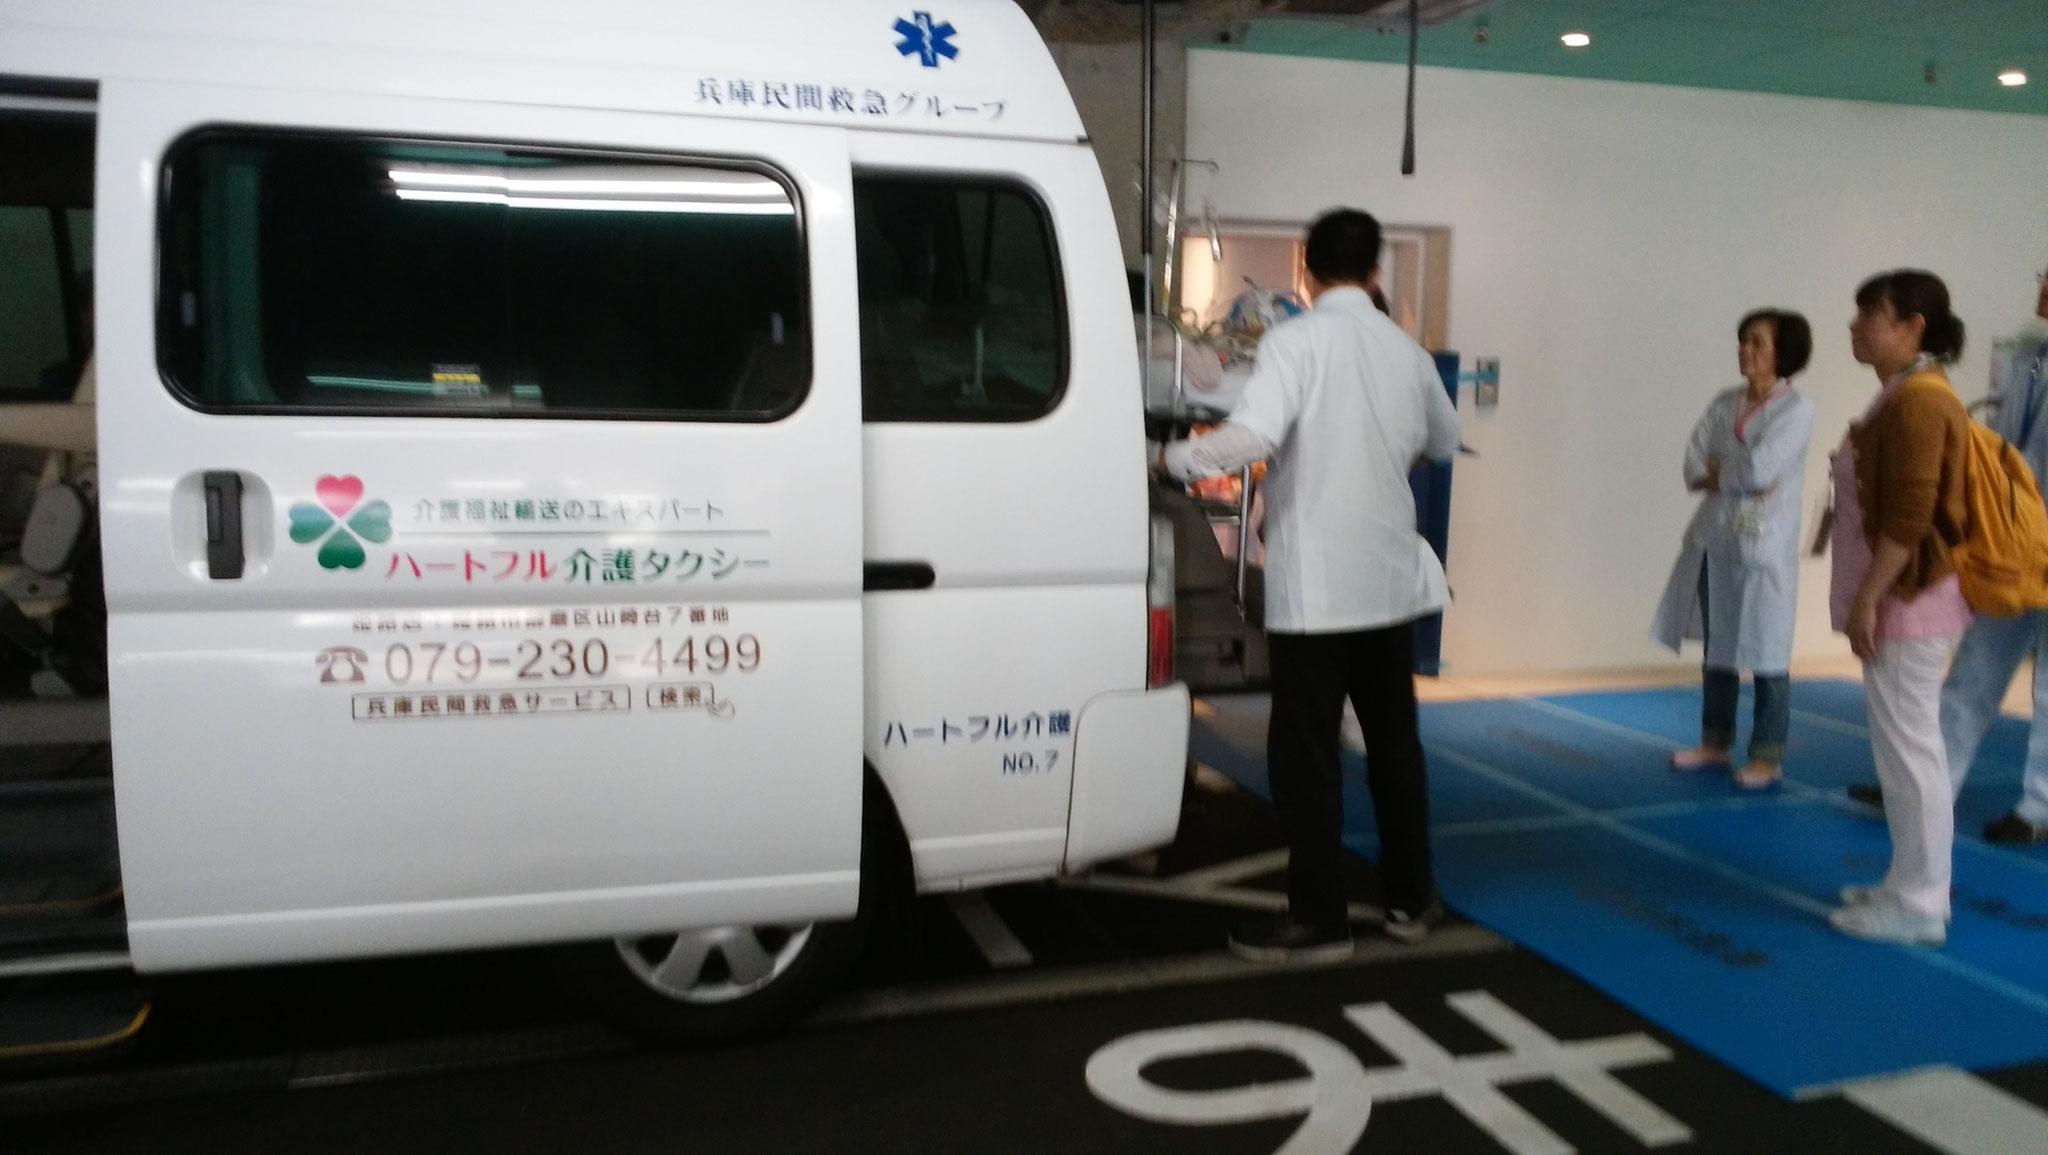 新病院へ到着した弊社の搬送車